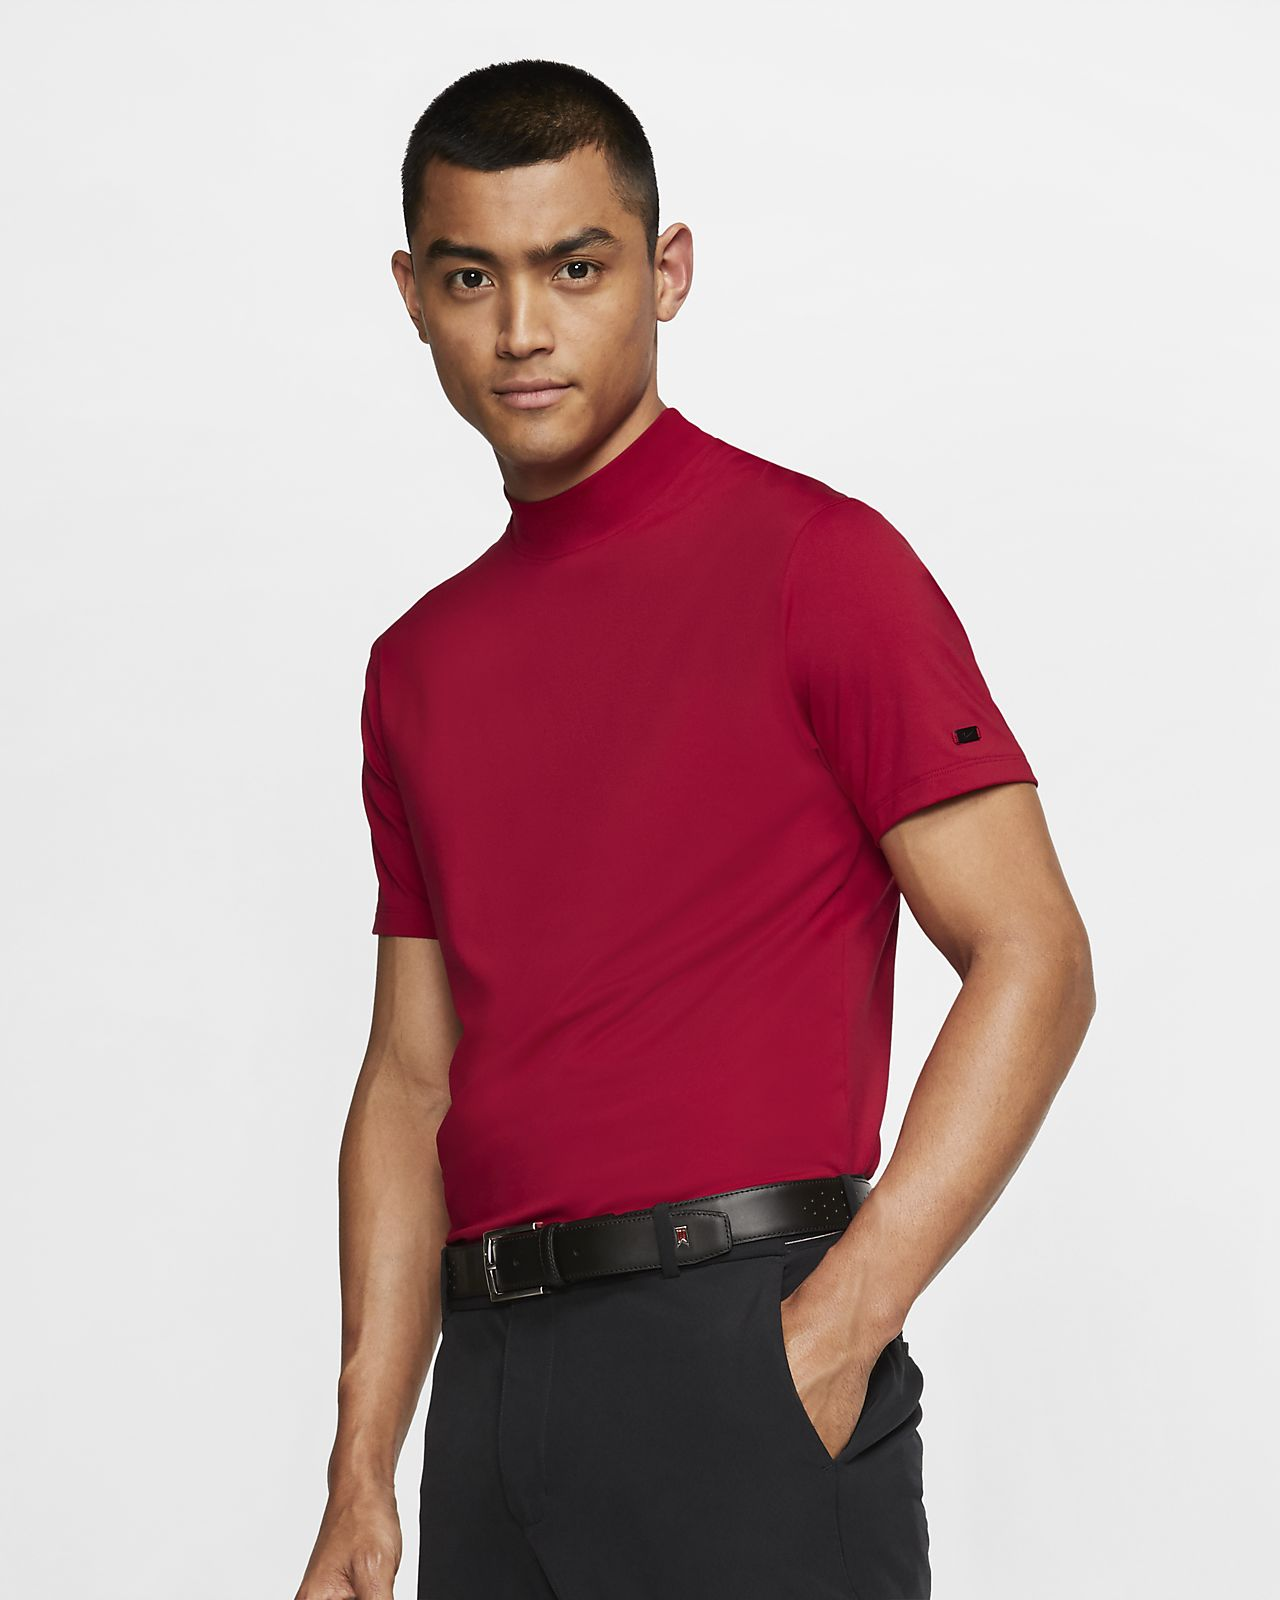 Nike Dri-FIT Tiger Woods Vapor golfoverdel med høy hals til herre